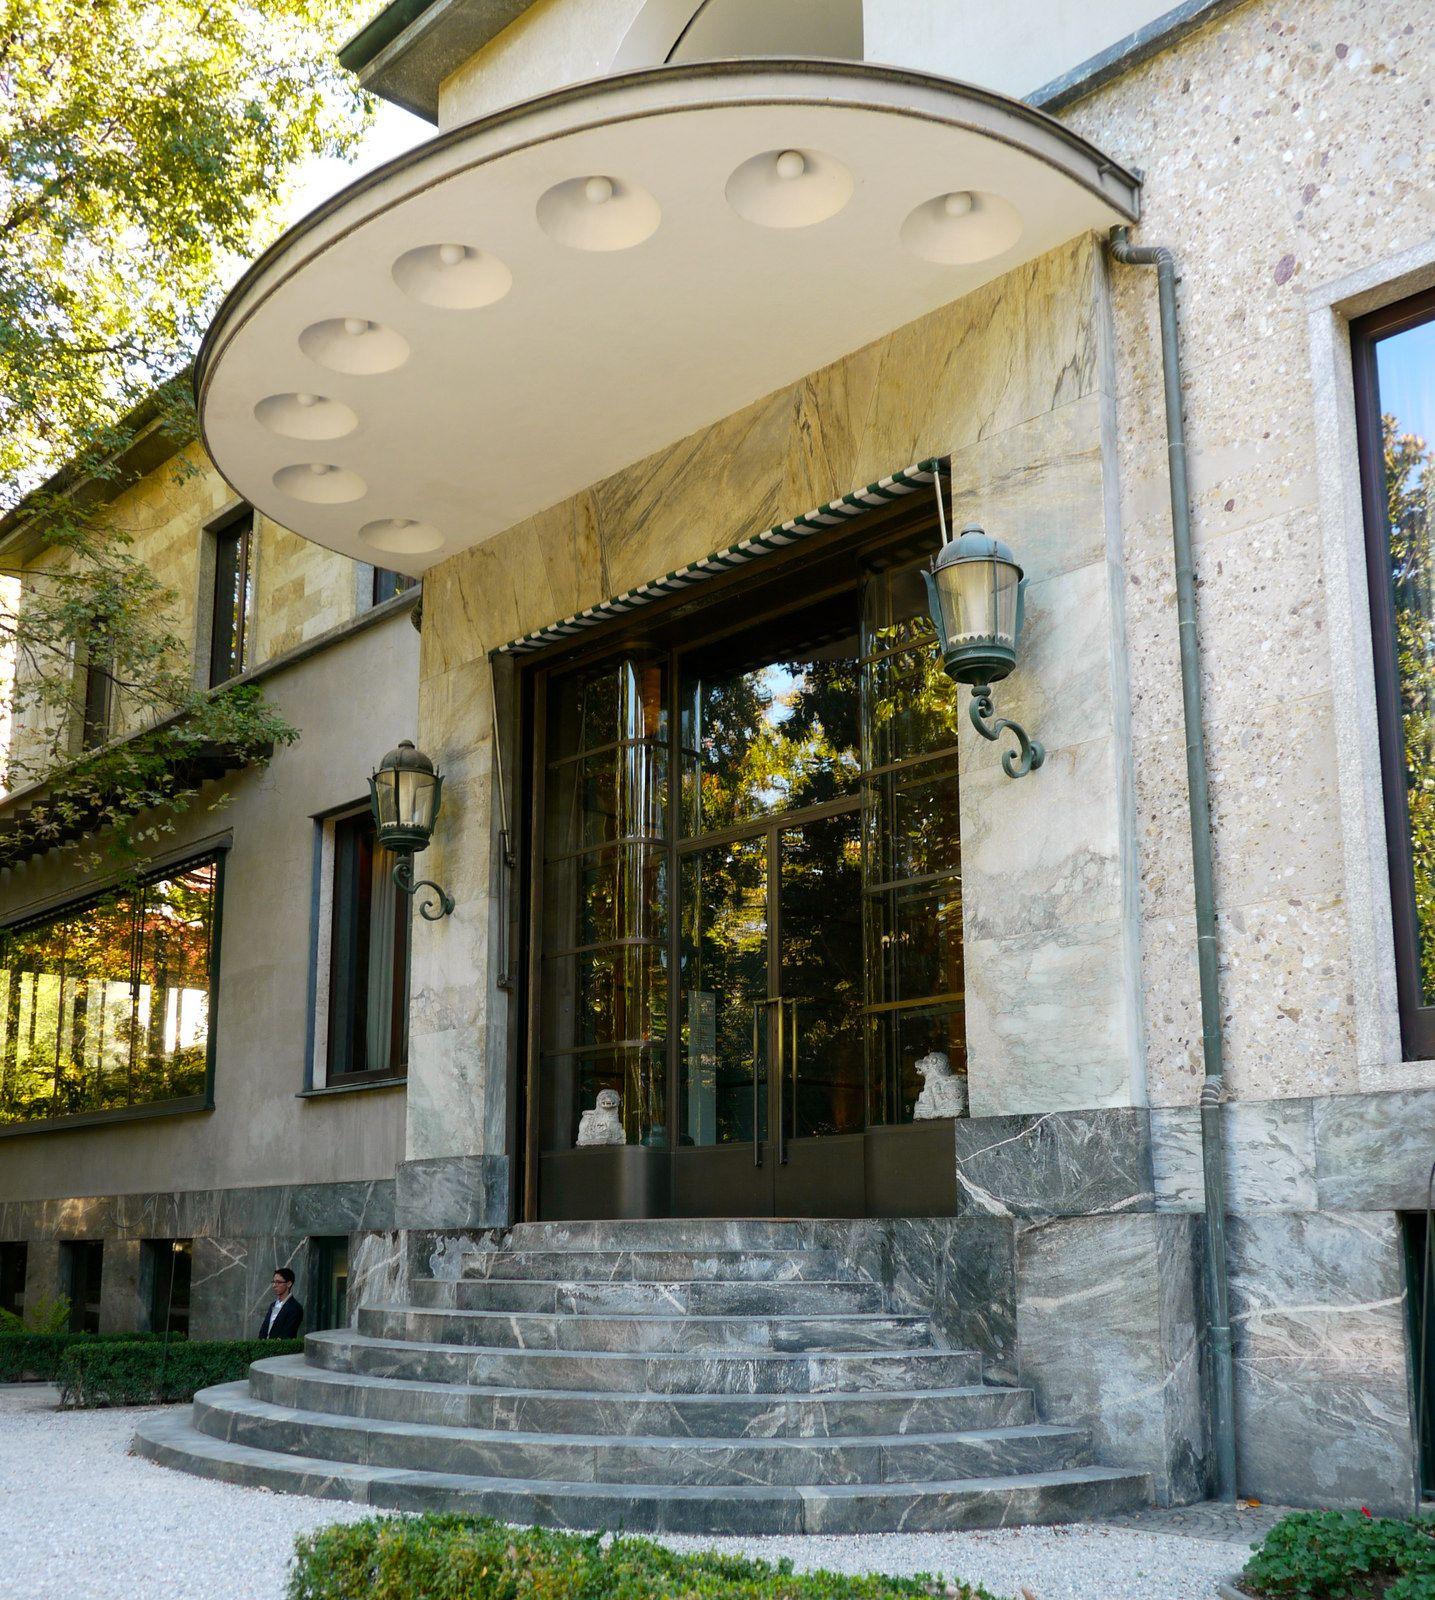 e of my favorite places in Milan last summer Villa Necchi Campiglio Milano Piero Portaluppi 1932 Set of I Am Love with Tilda Swinton